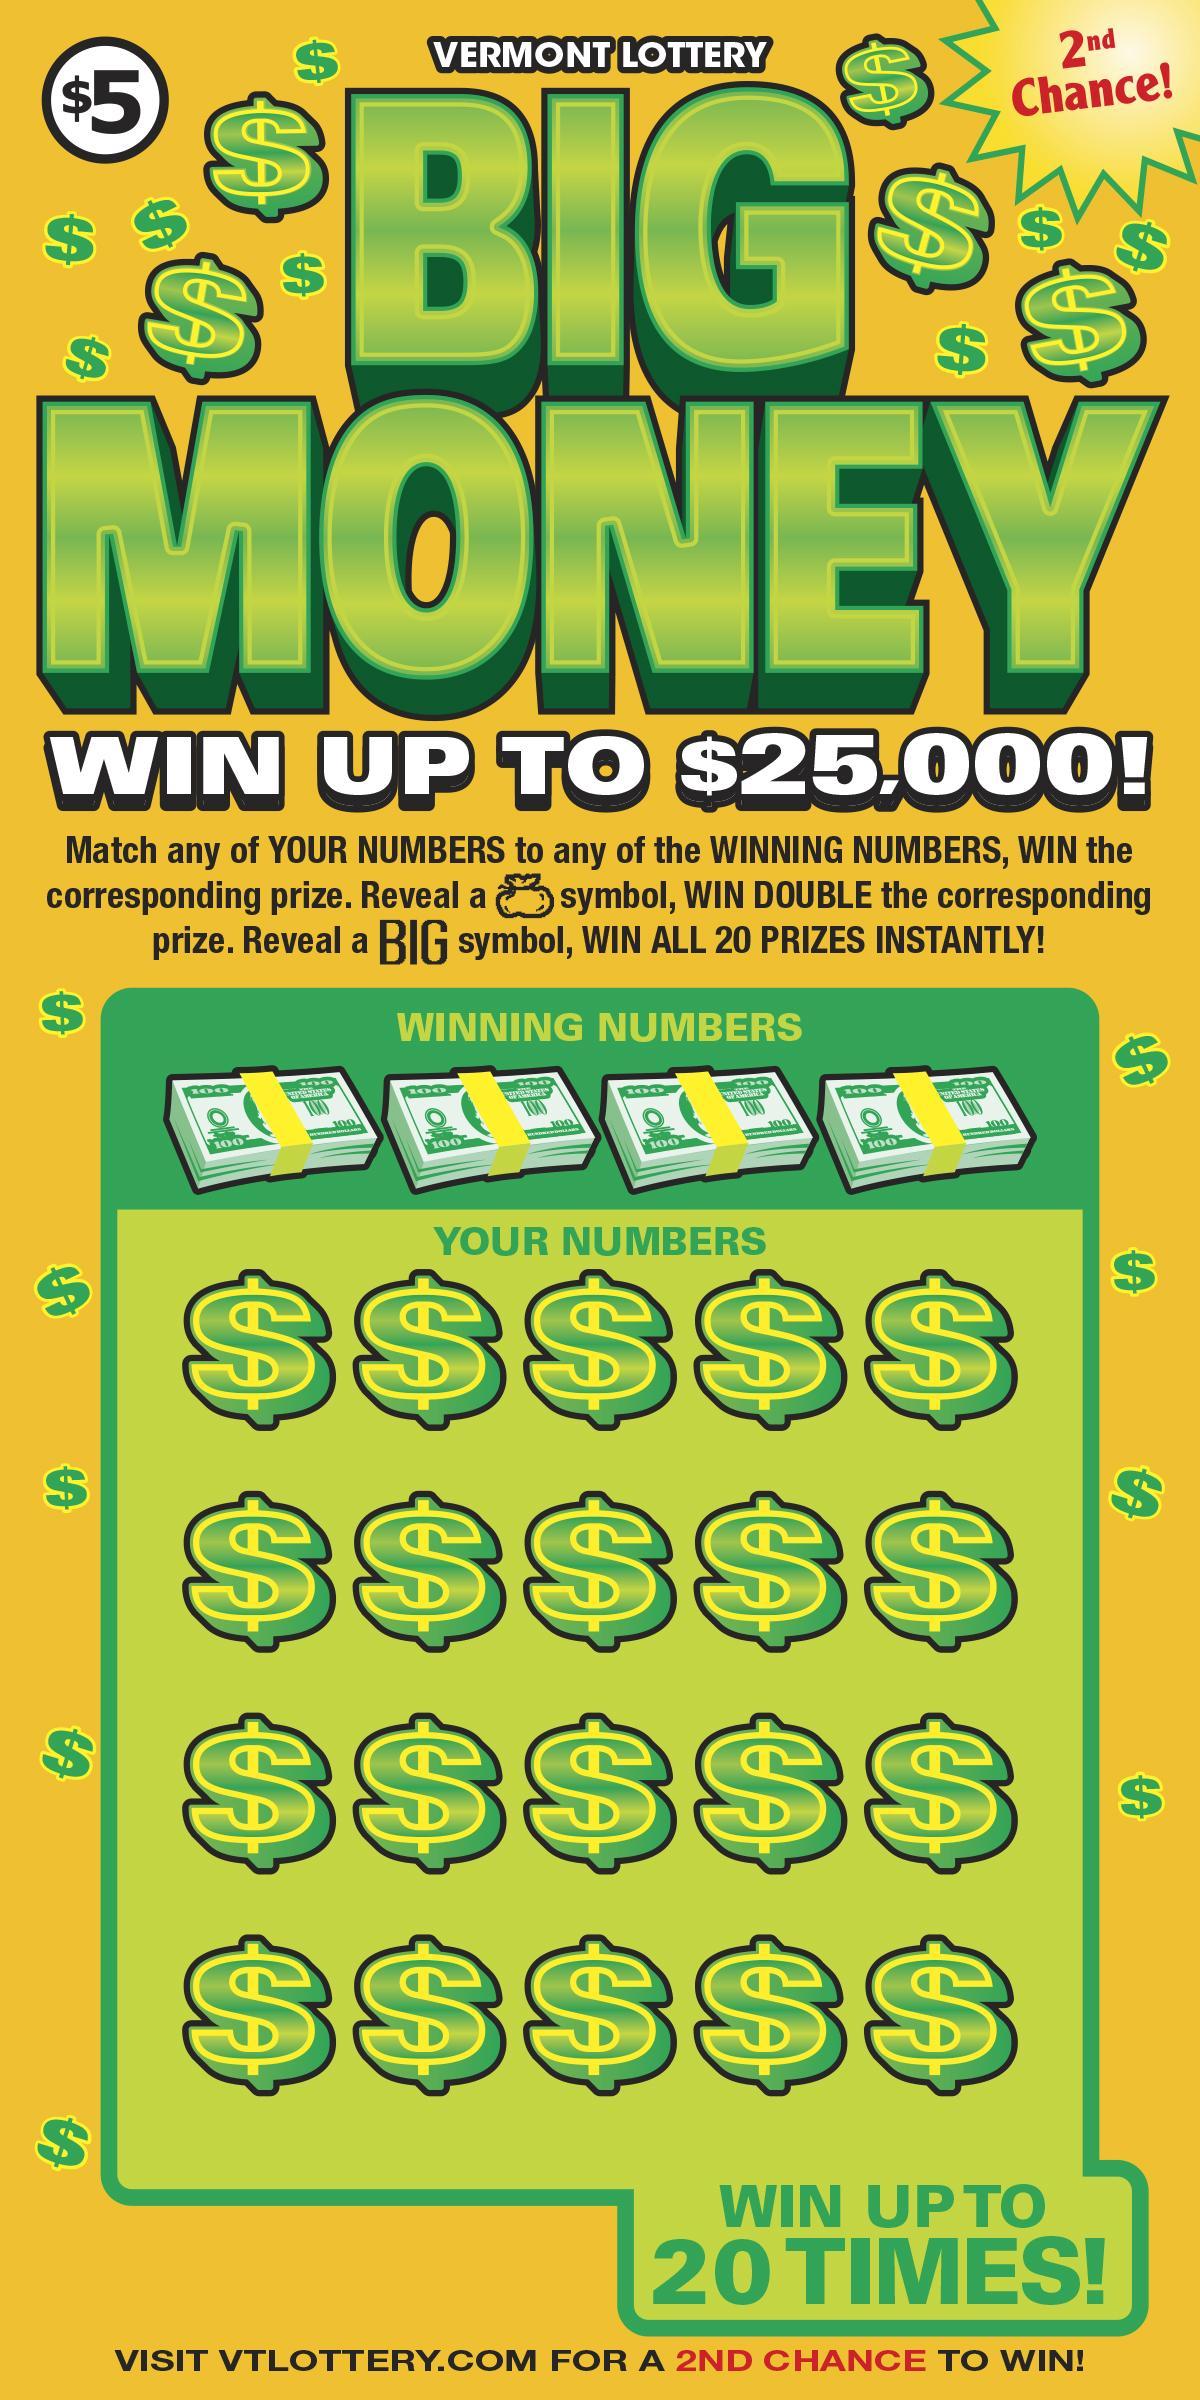 2nd Chance Lottery Winners